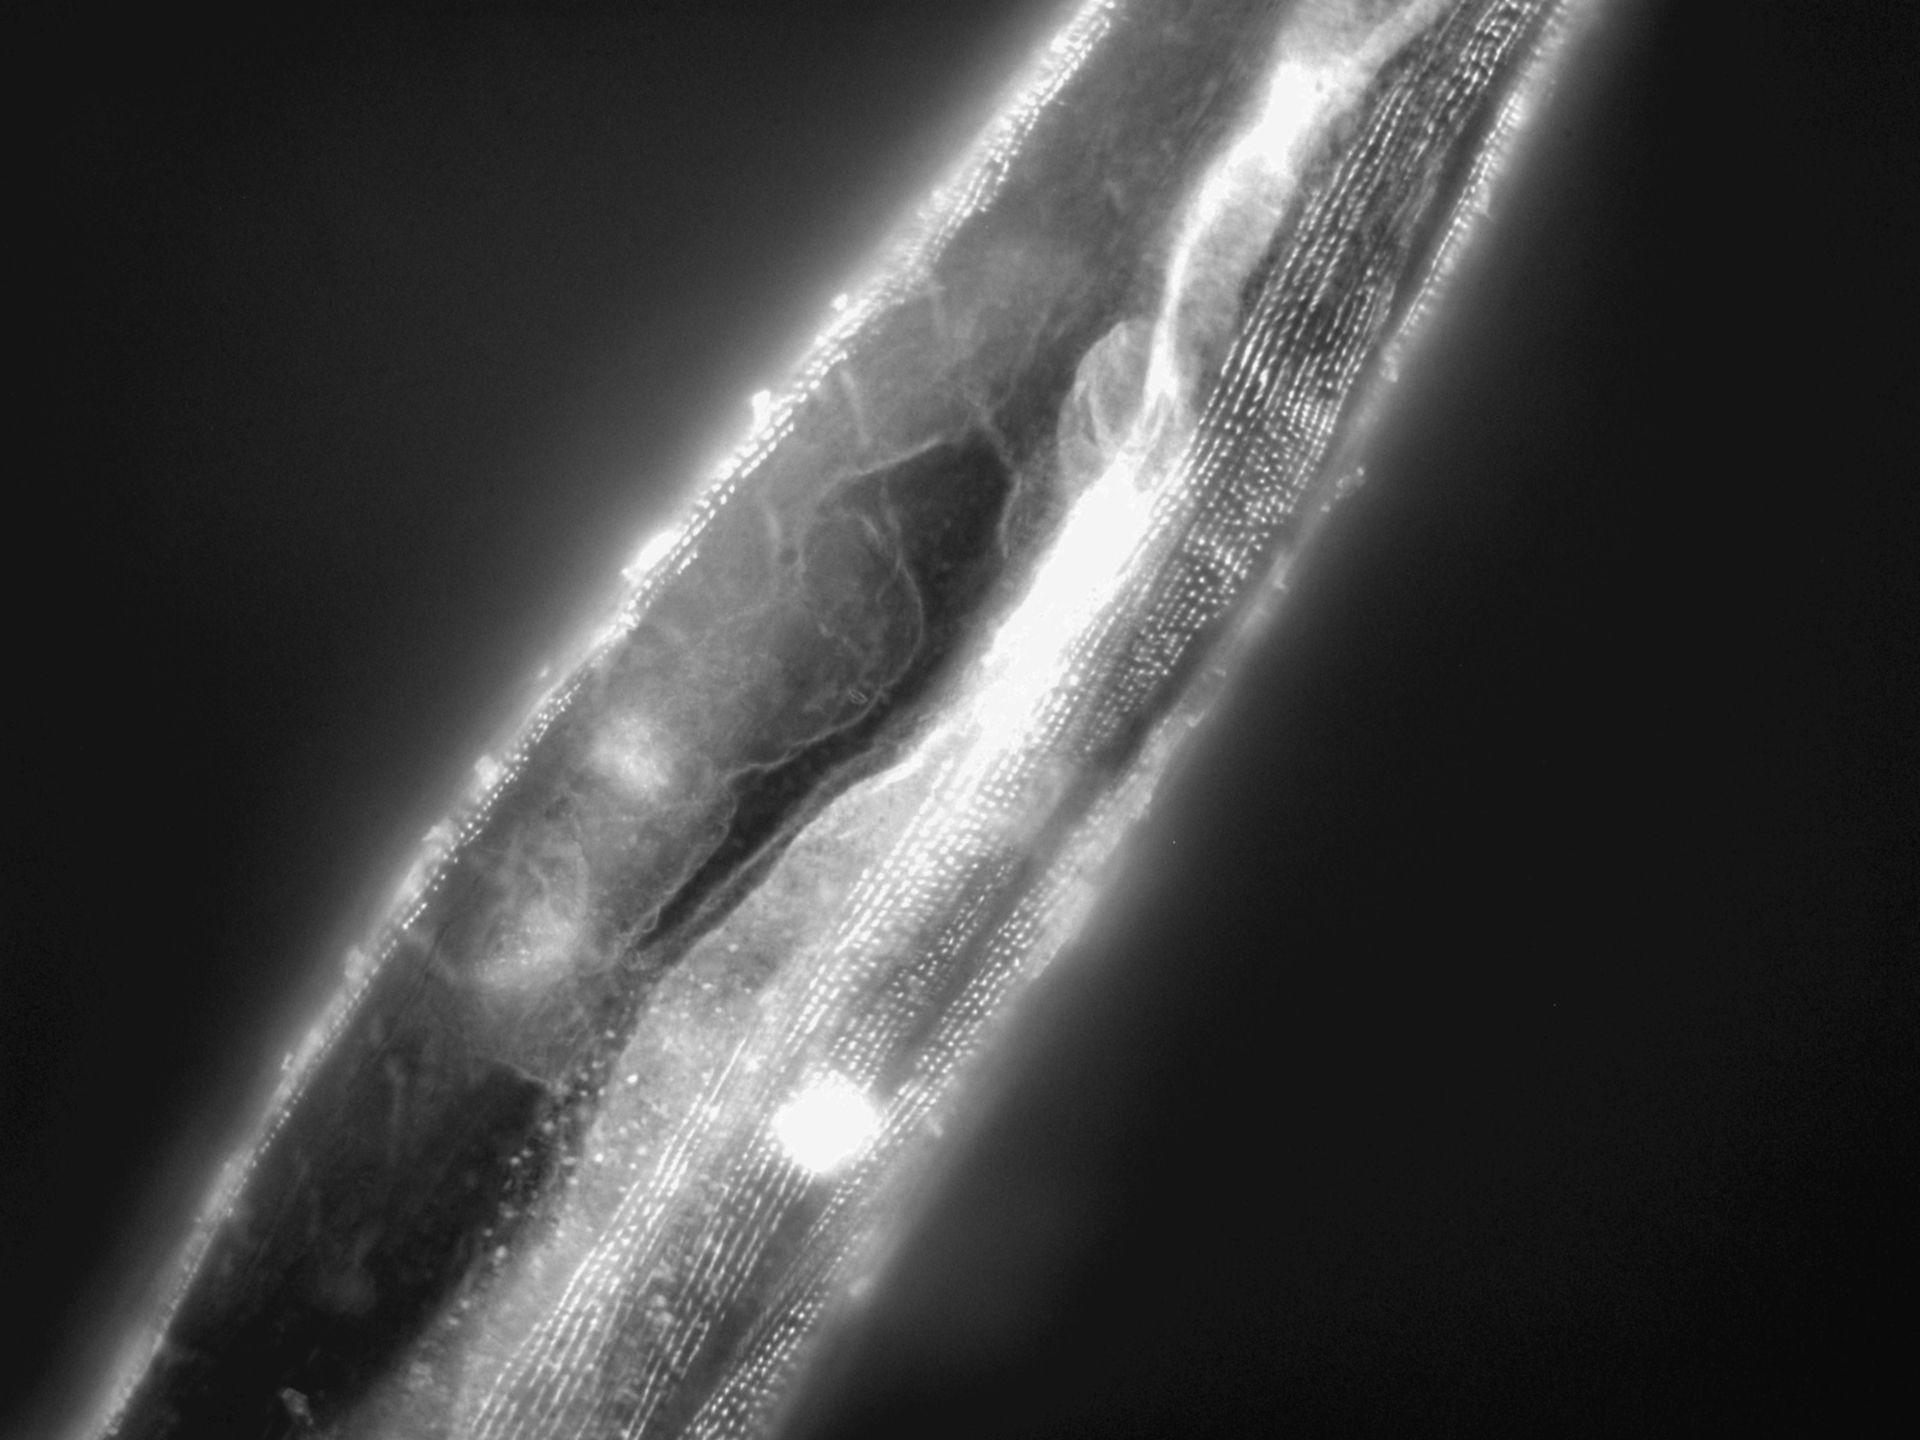 Caenorhabditis elegans (Actin filament) - CIL:1150